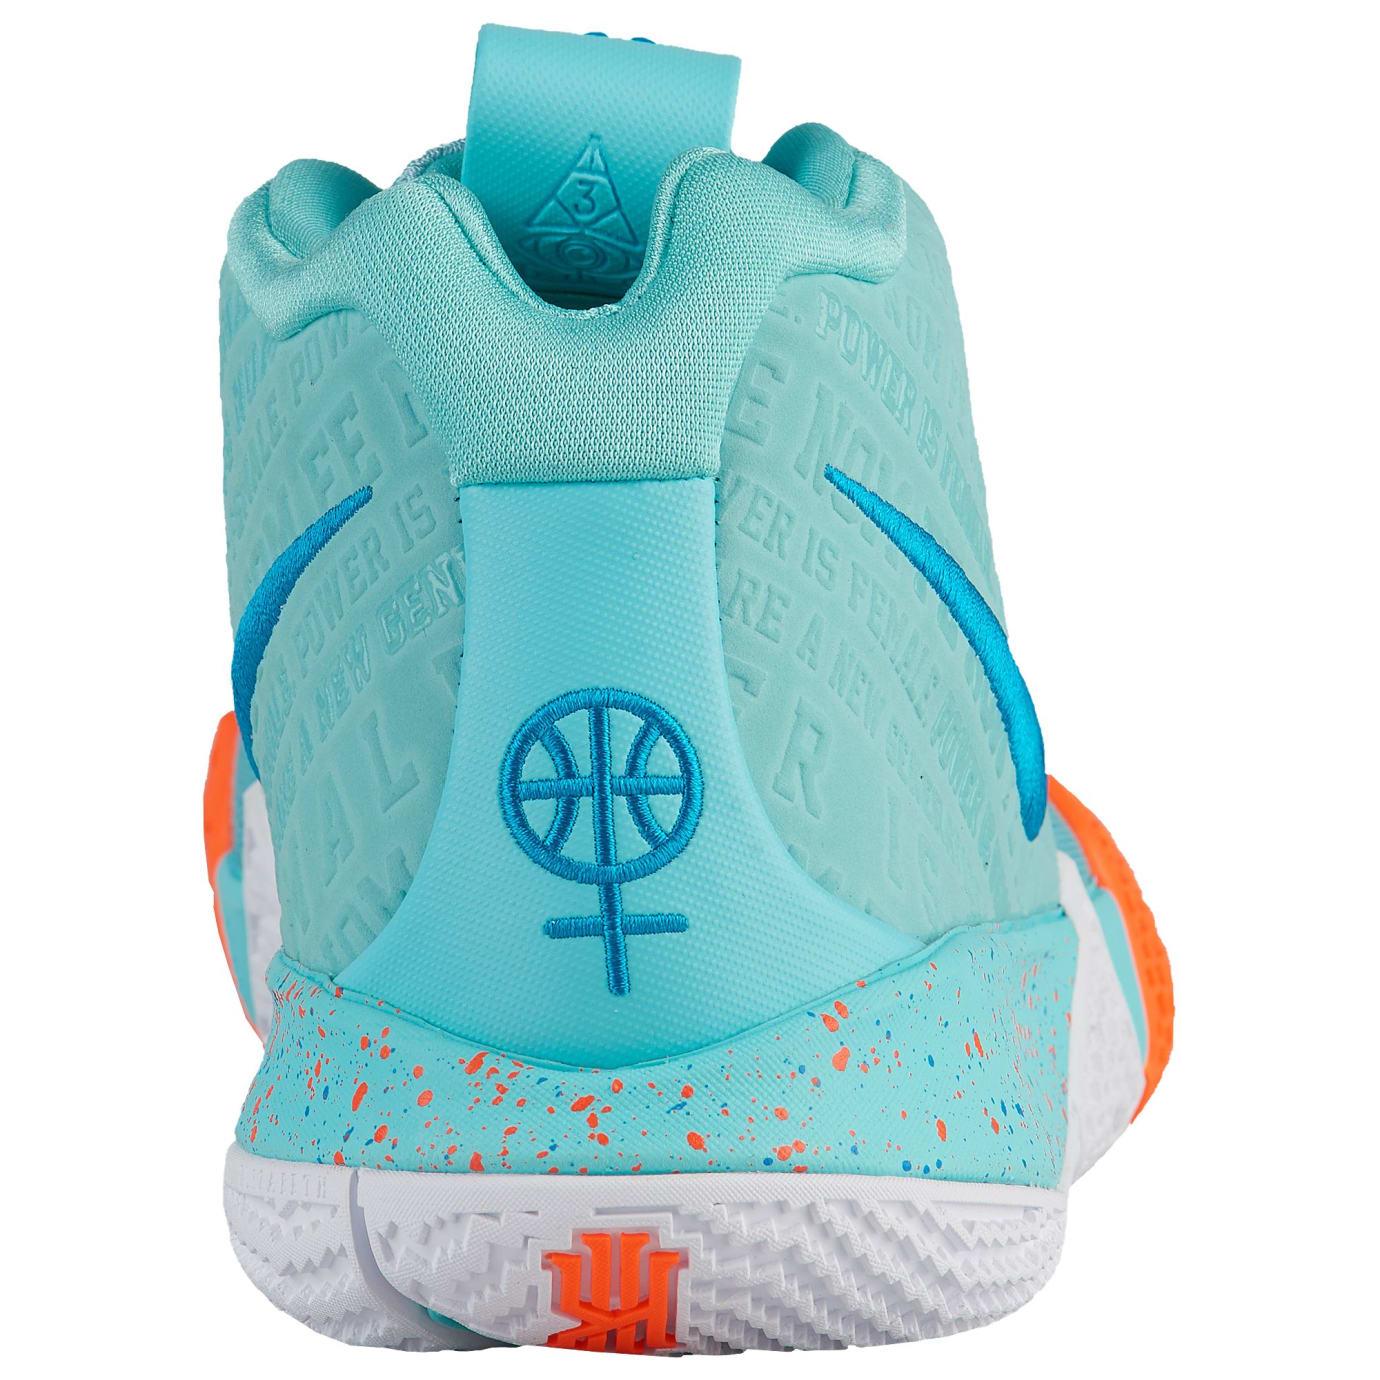 Nike Kyrie 4 Power Is Female Release Date 943806-402 Heel